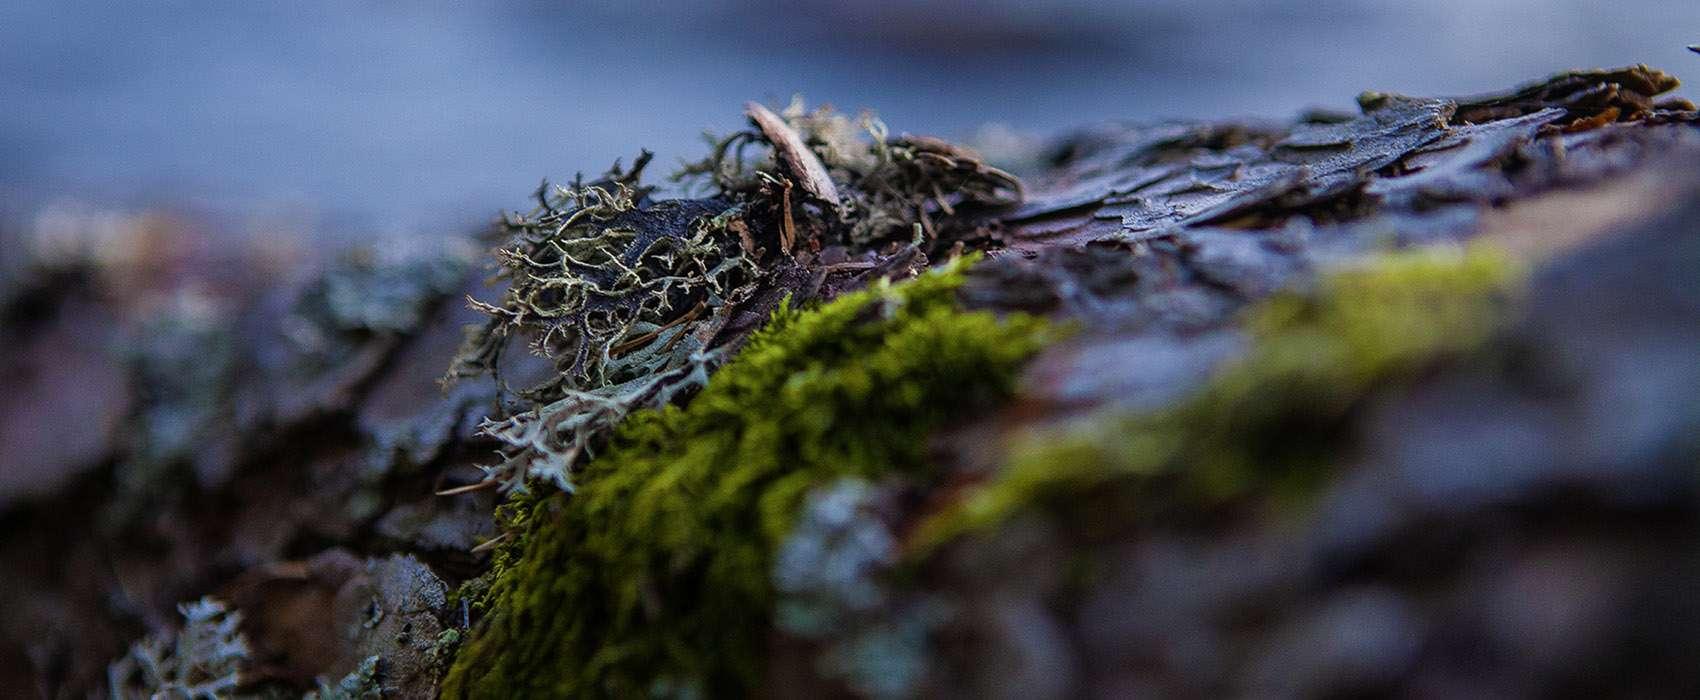 Moos am Baumstamm auf einer kleinen Insel im Dalsland. Eine Kanutour in Schweden an der Grenze zu Norwegen.